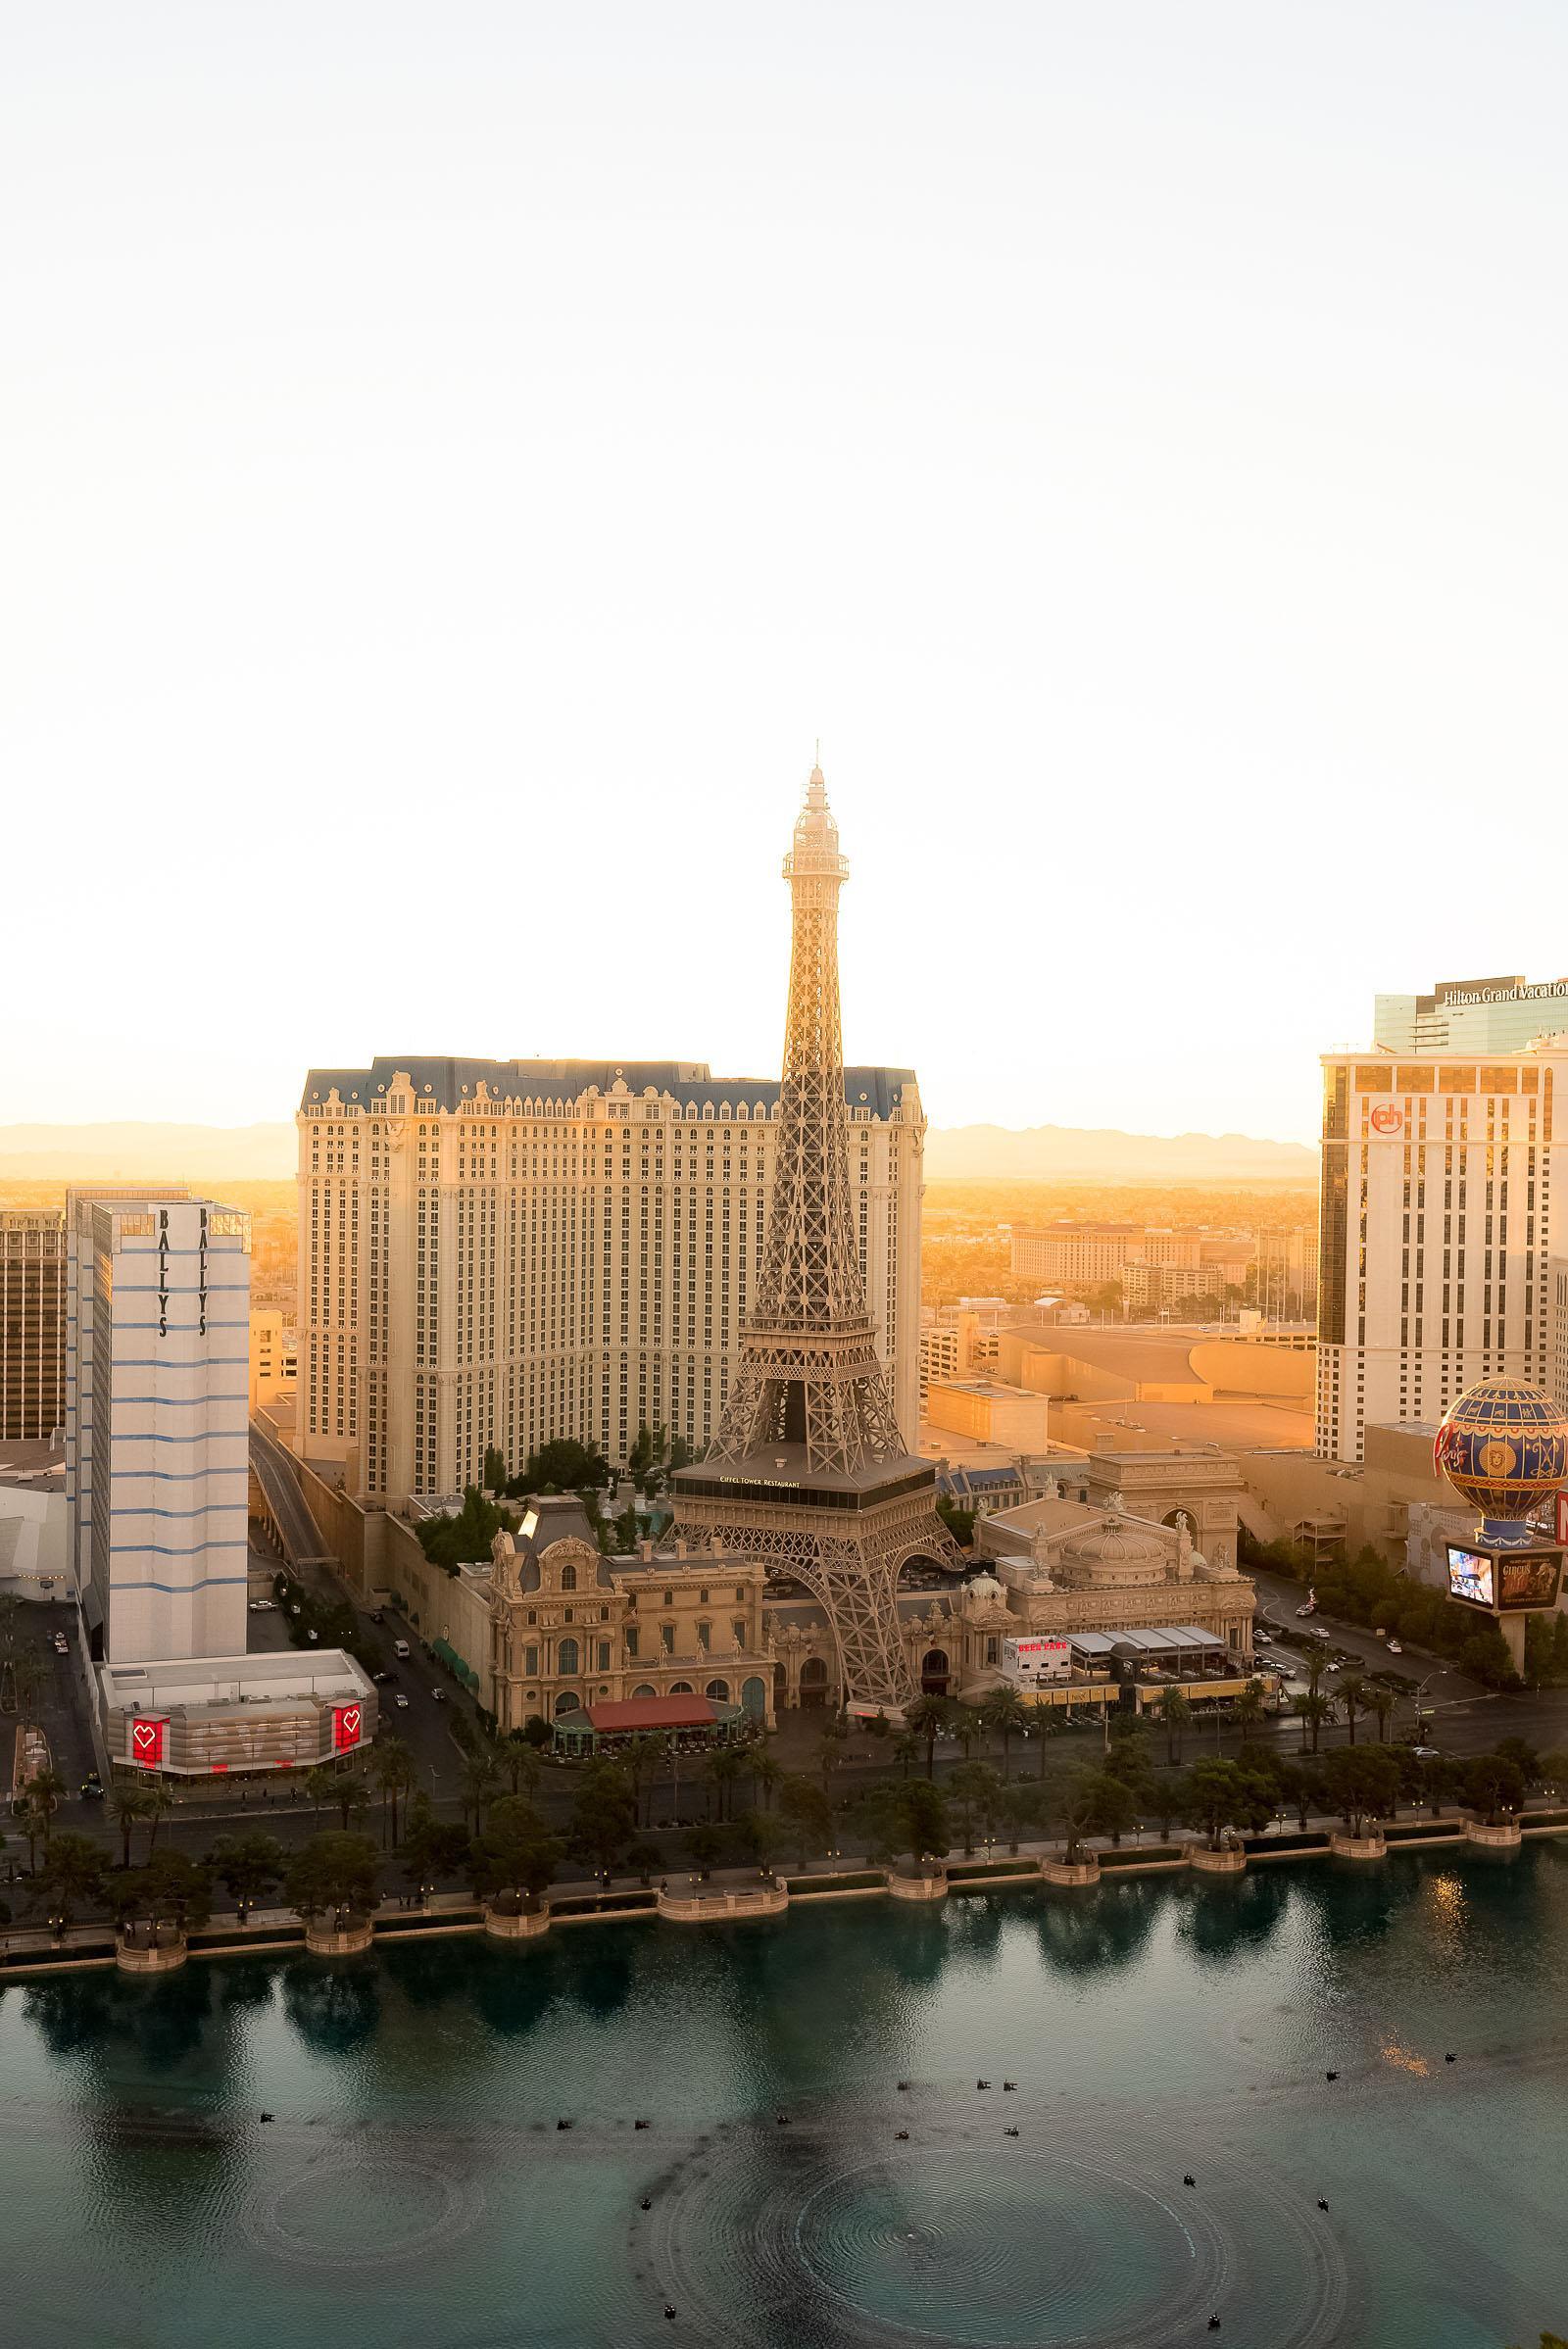 Bellagio Las Vegas Penthouse Fountain-View